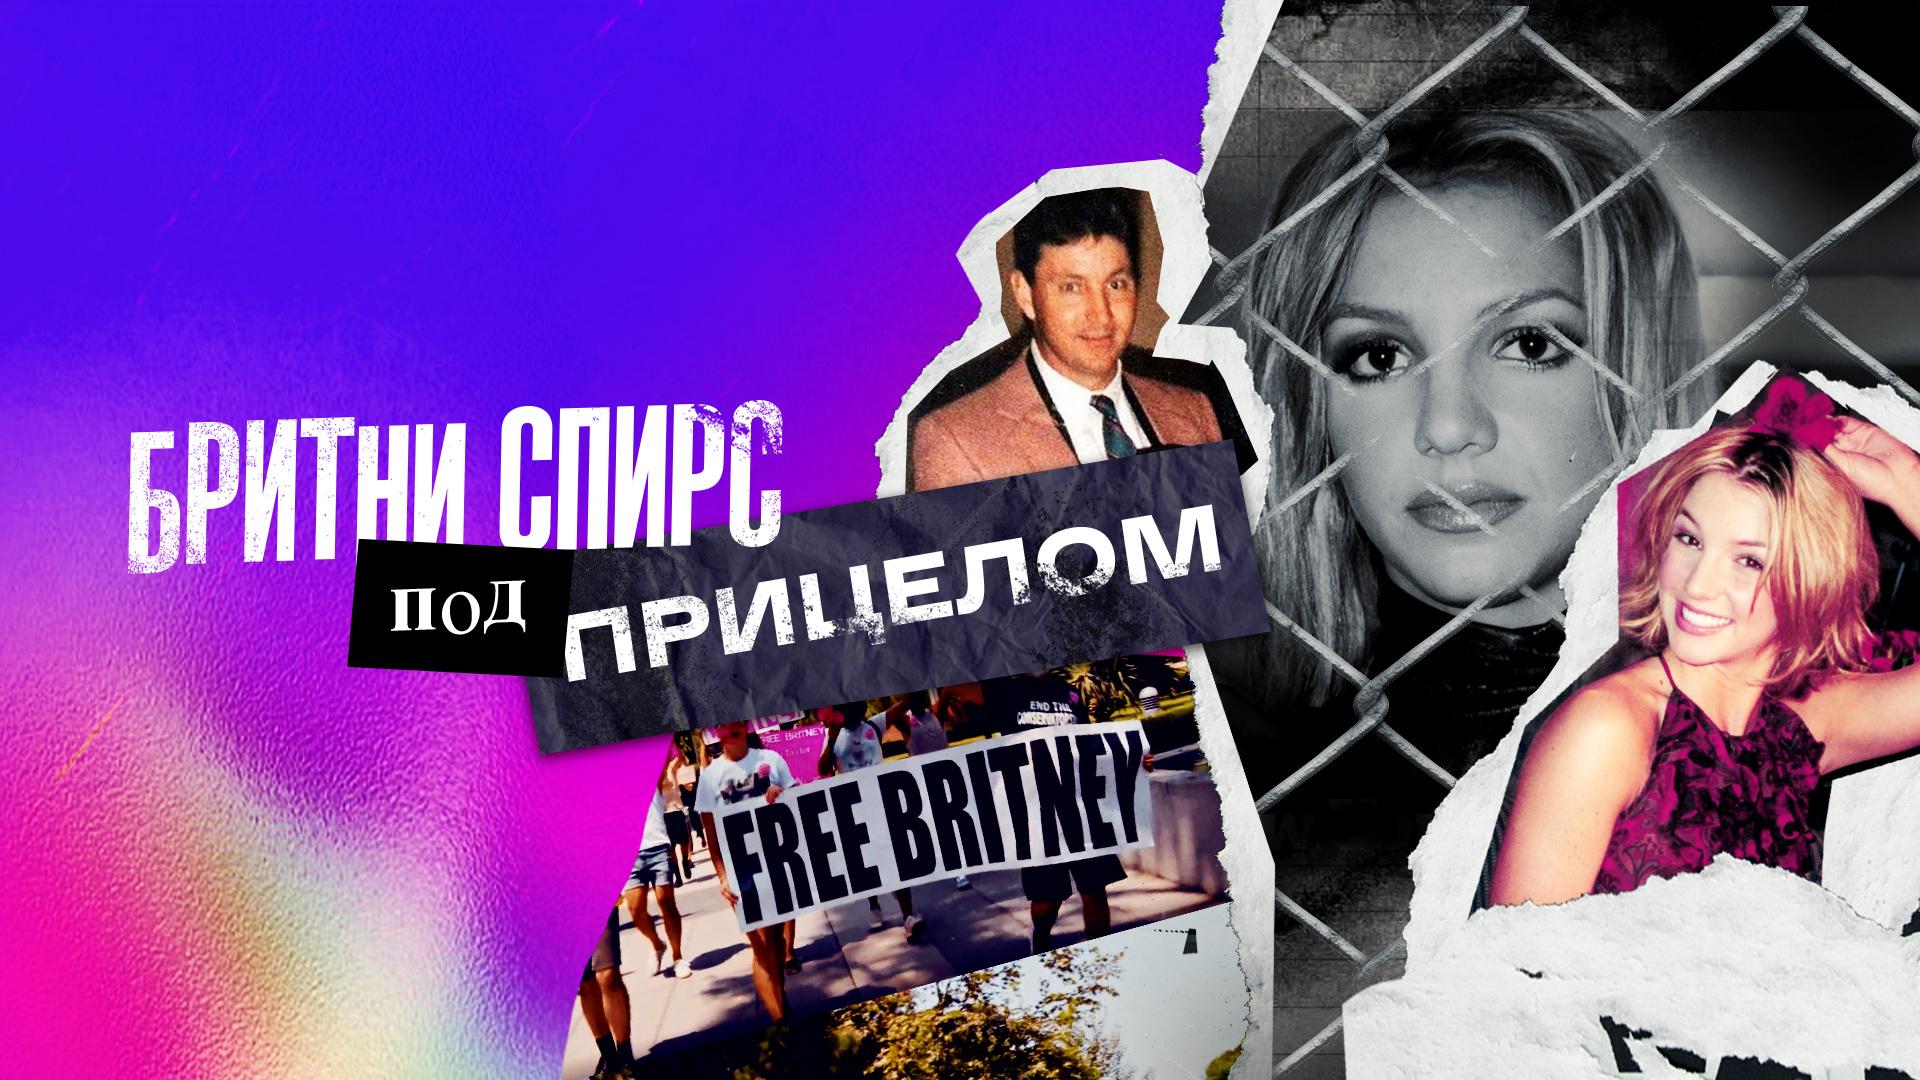 Бритни Спирс под прицелом